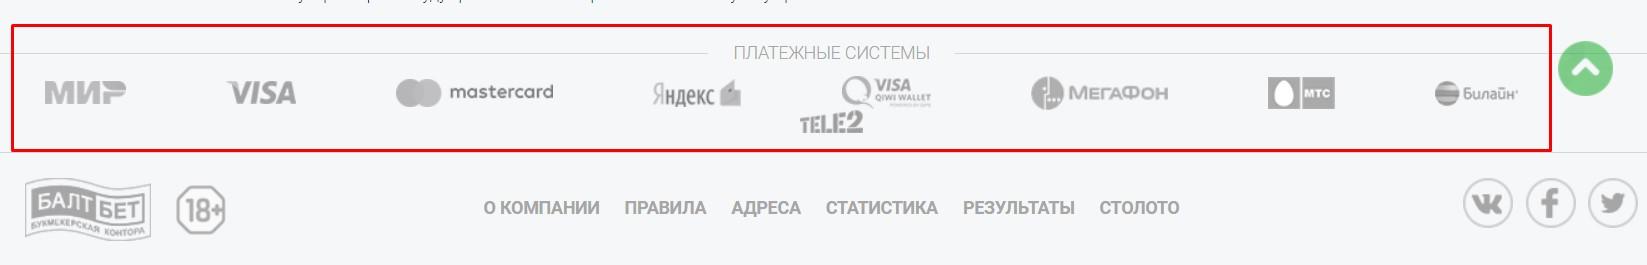 балтбет букмекерская контора baltbet com регистрация